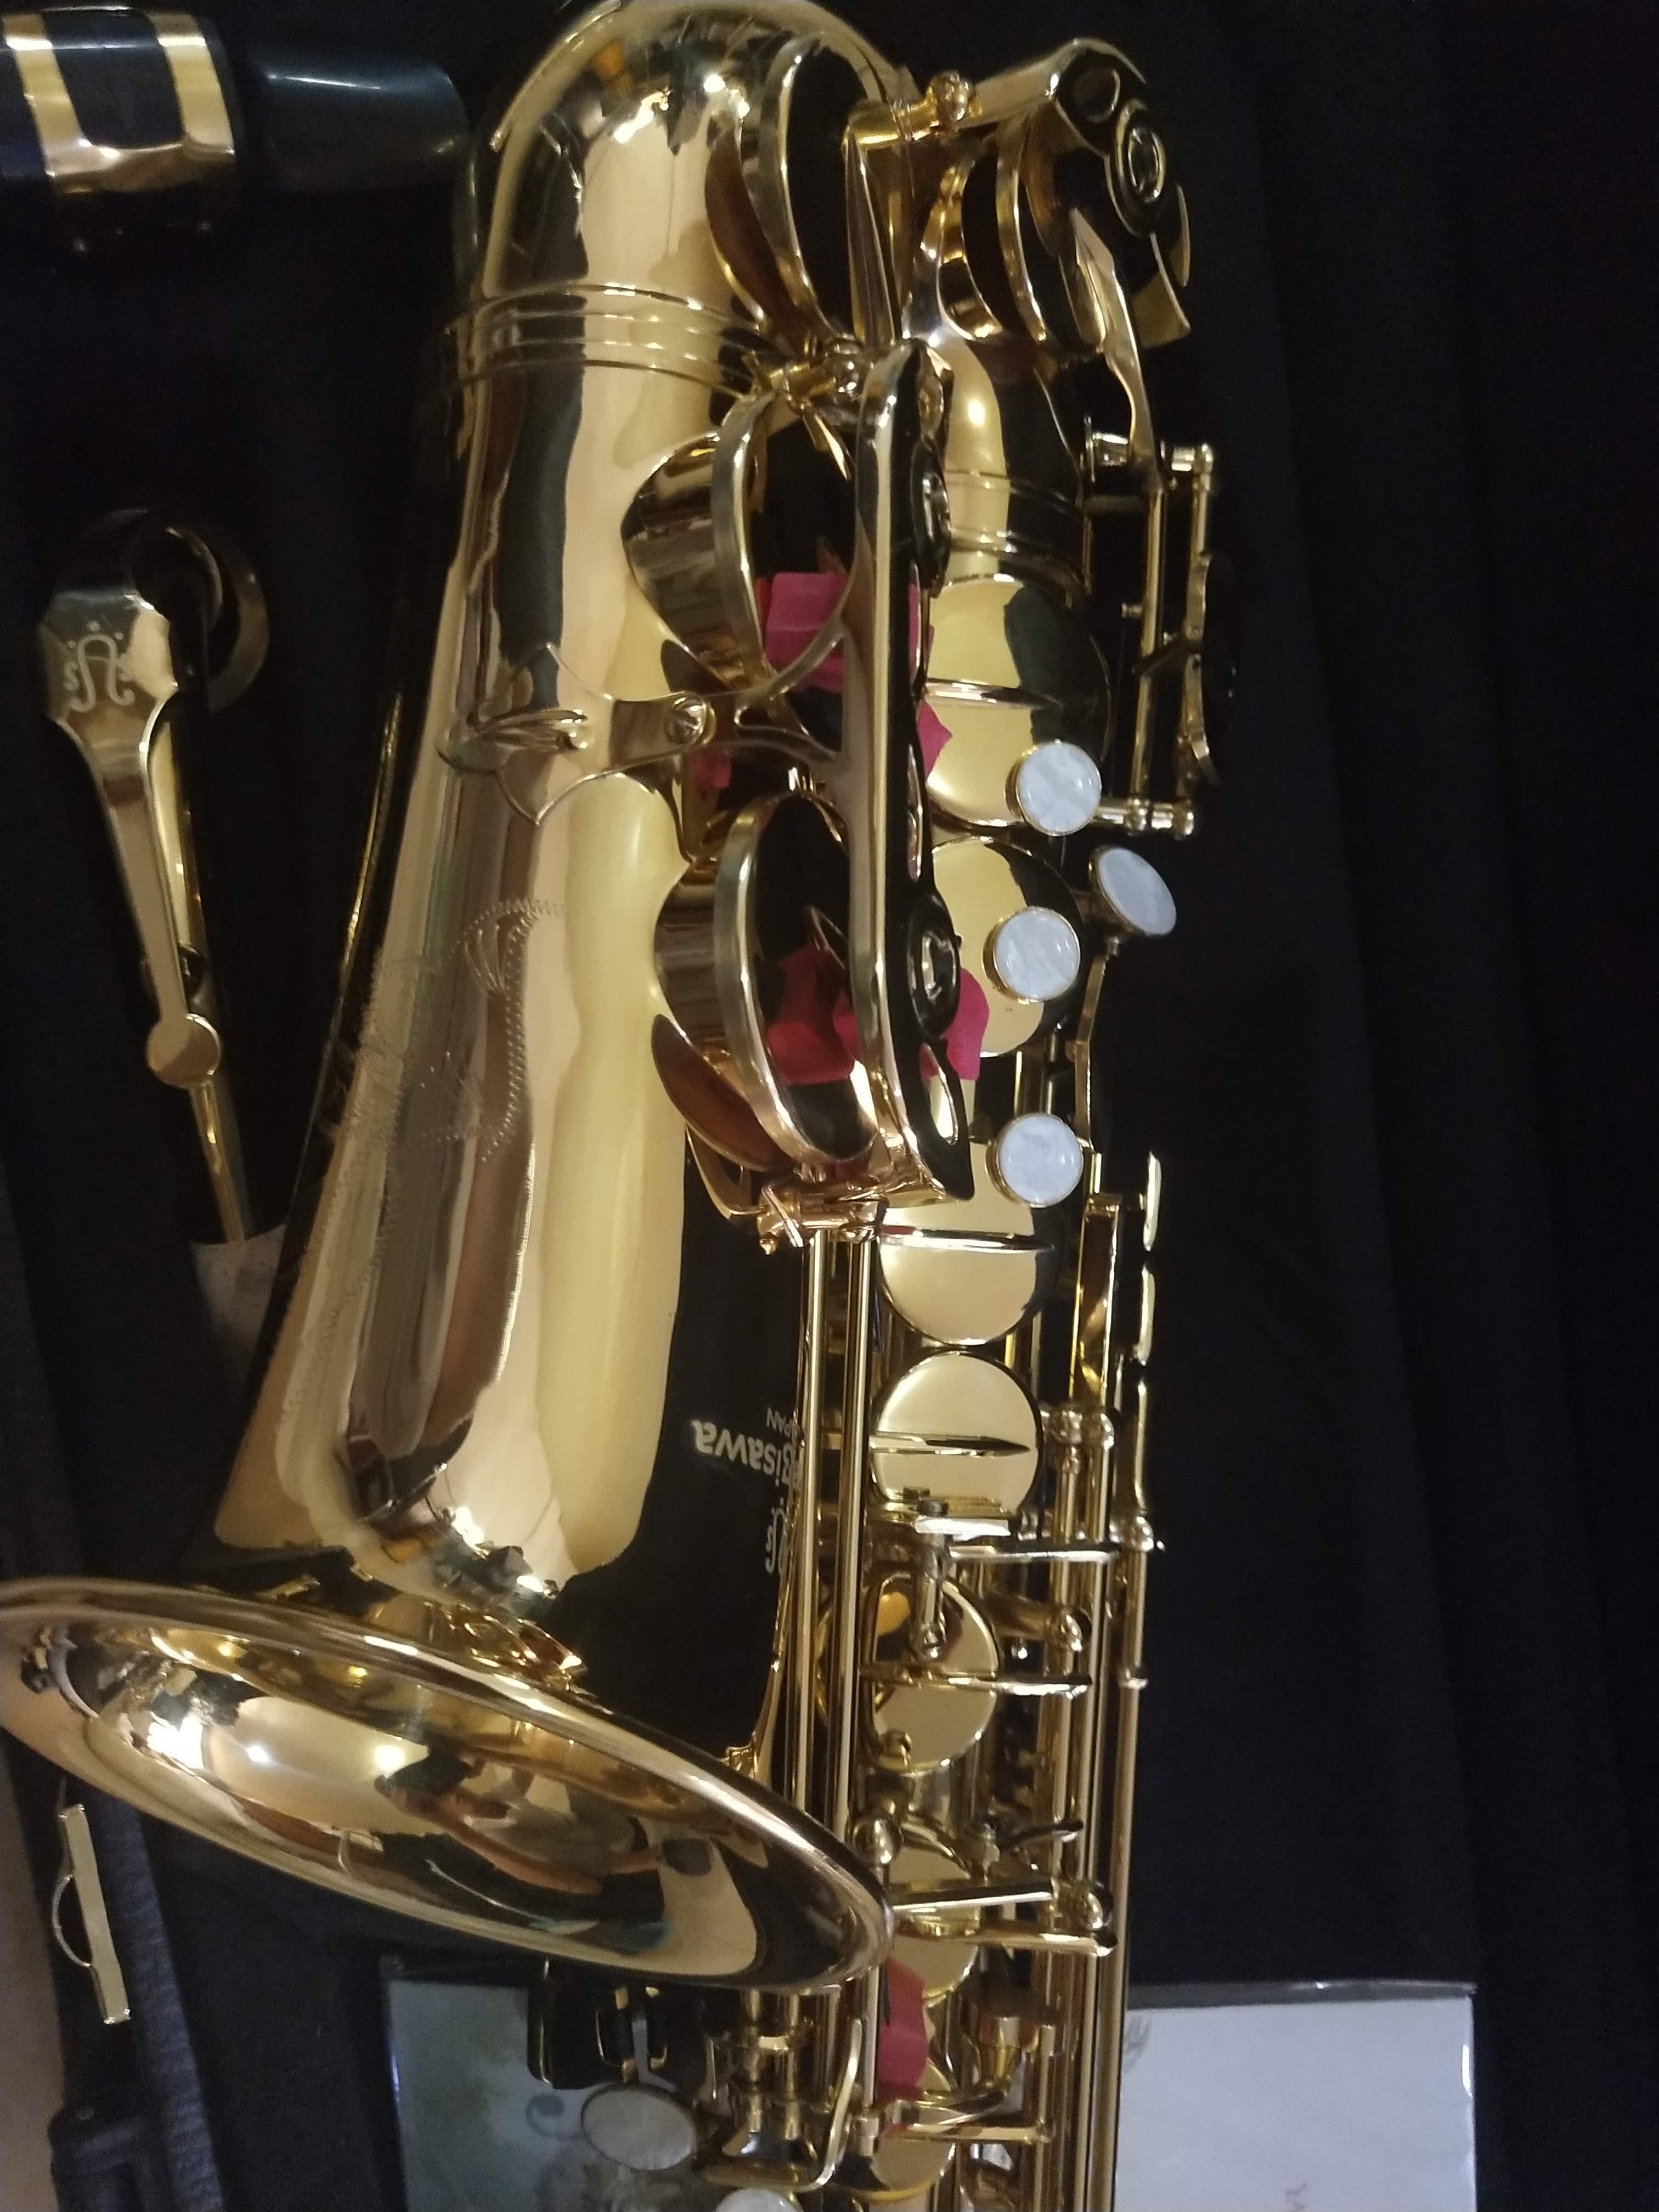 新日本原装柳泽中音萨克斯乐器A901中音萨克斯风管乐器专业演奏